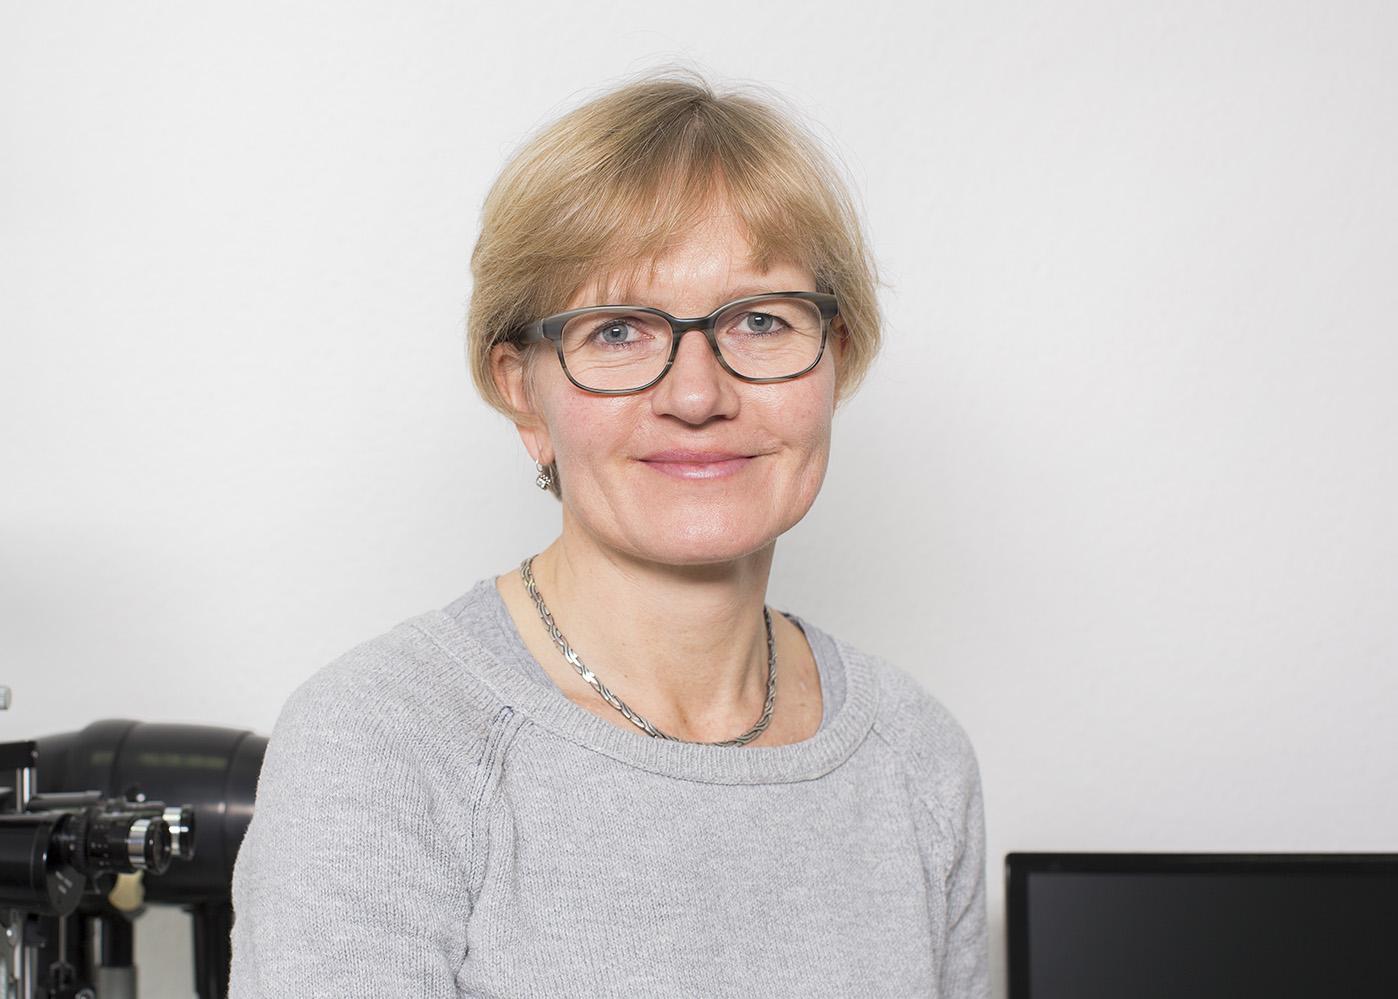 Dr. Ingrid Köhn